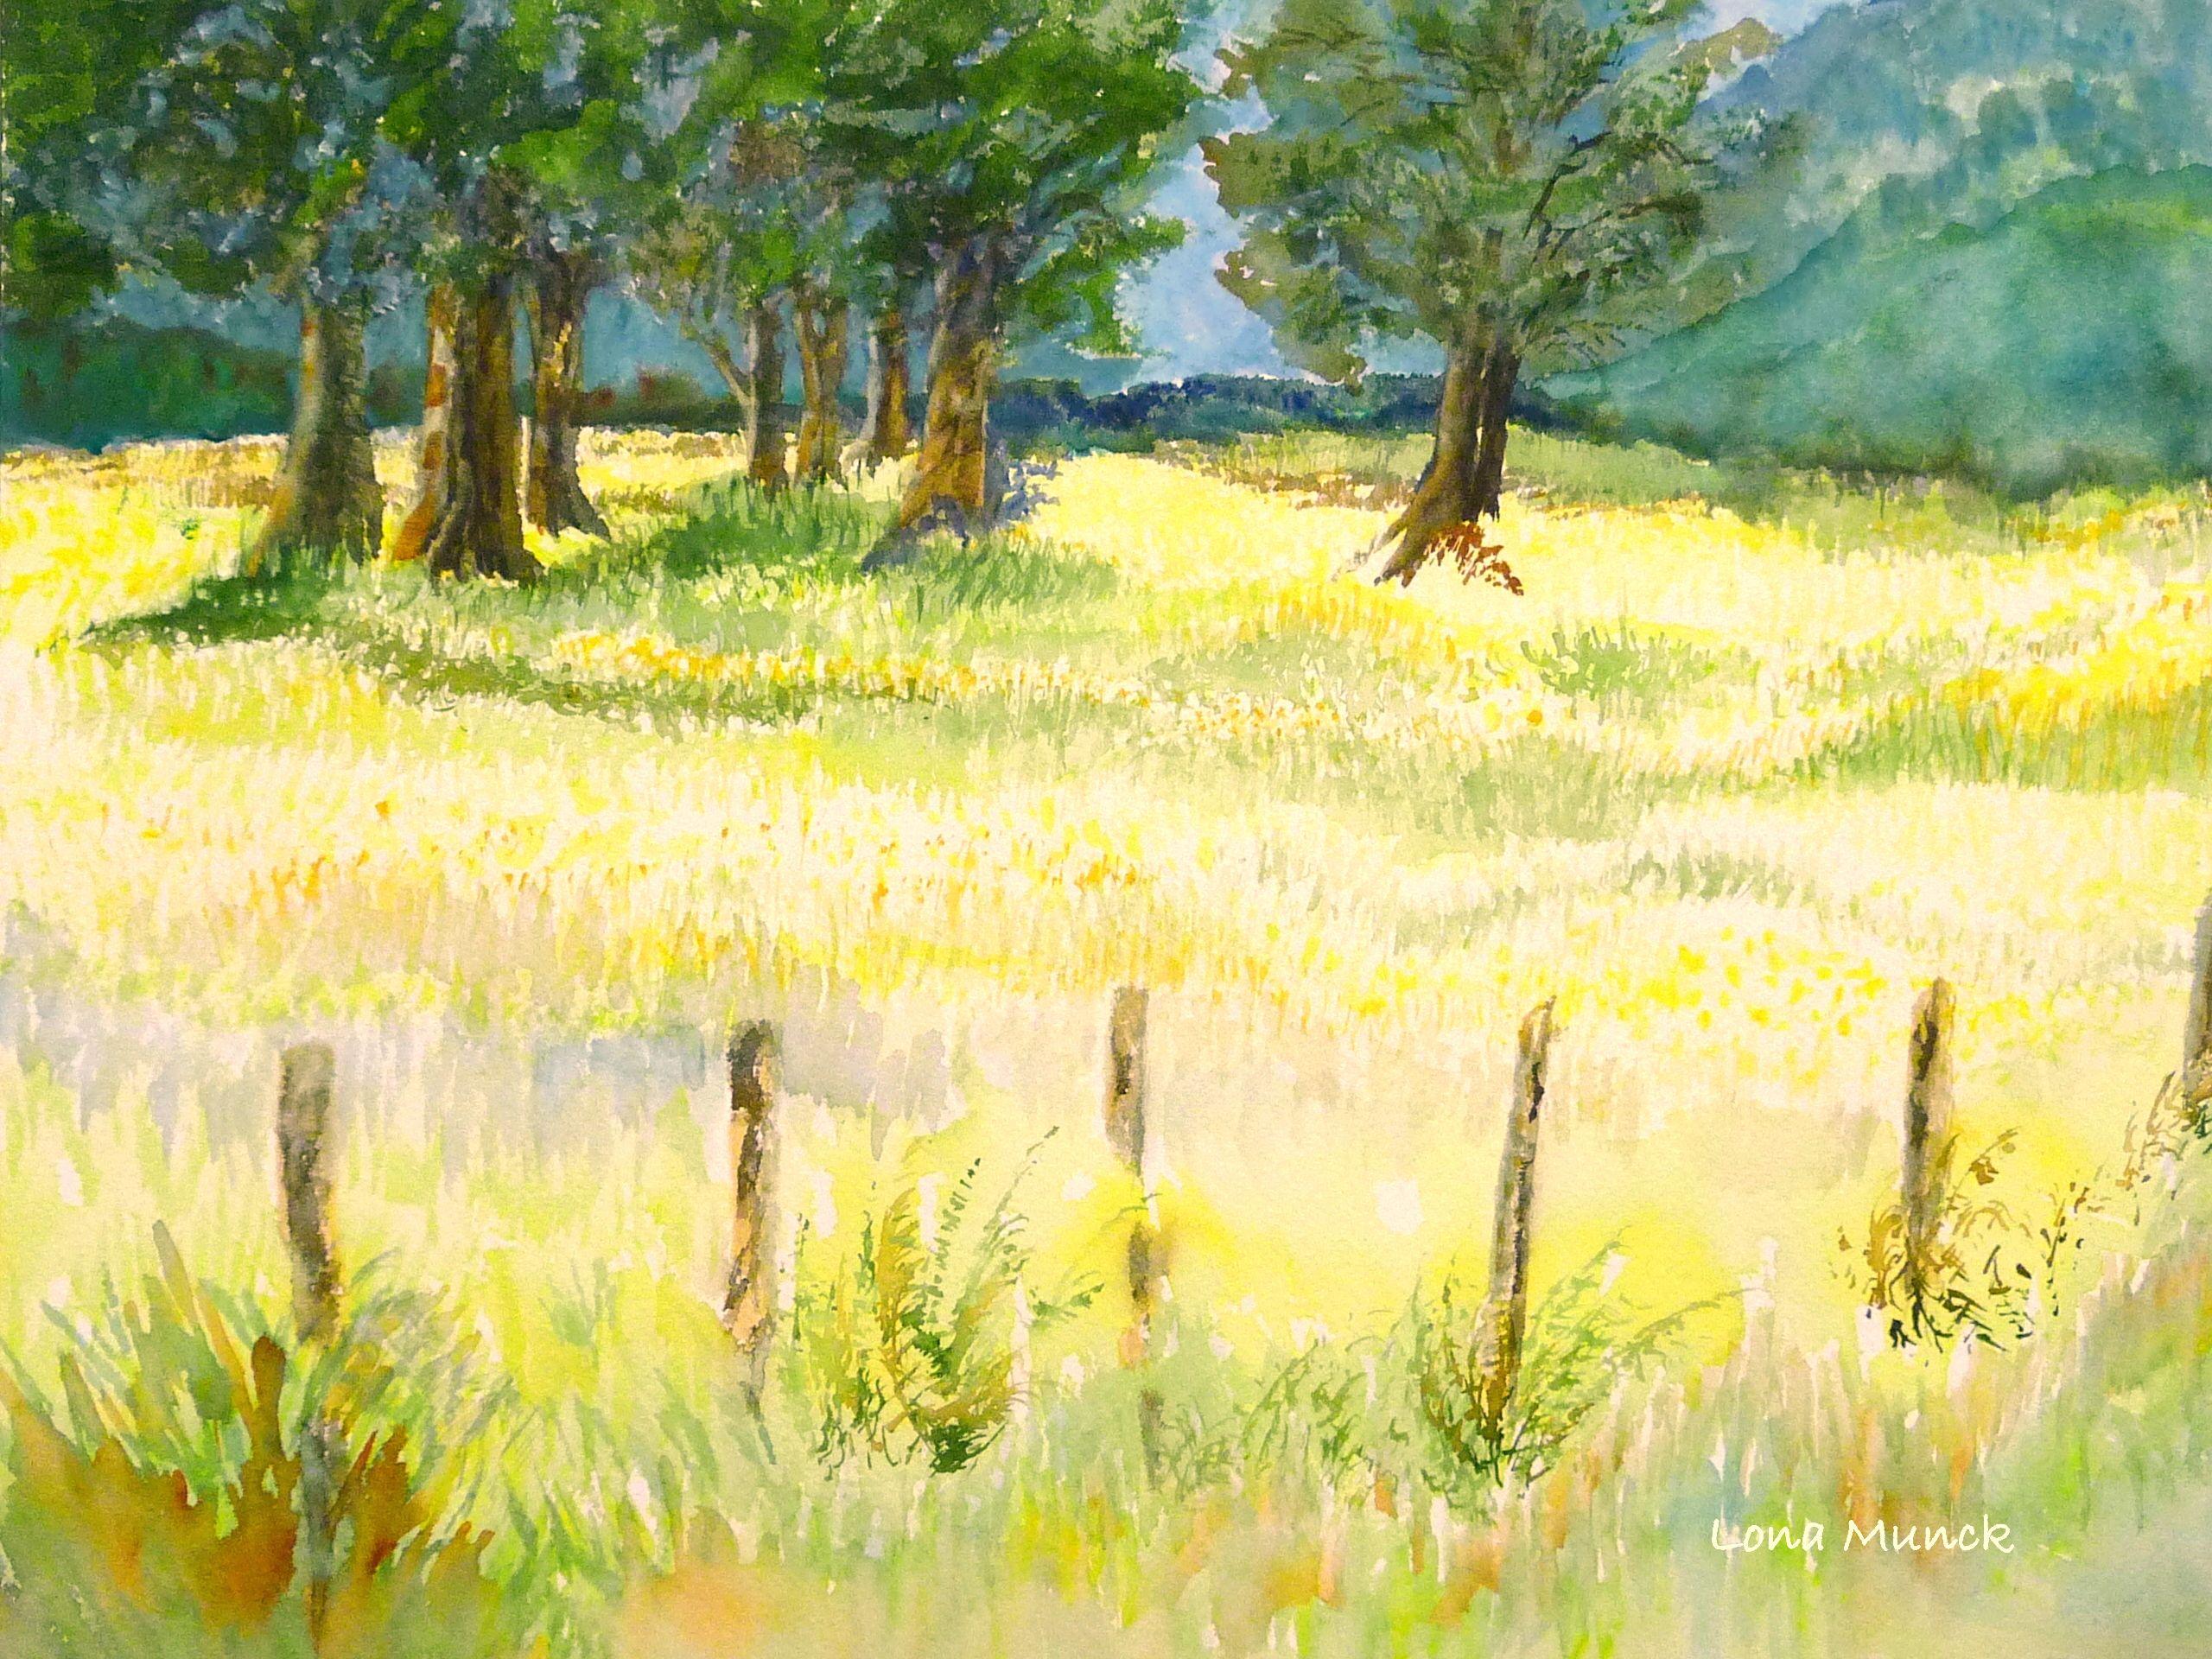 Lona S Watercolor Wild Grass Field Harrison Bc Wild